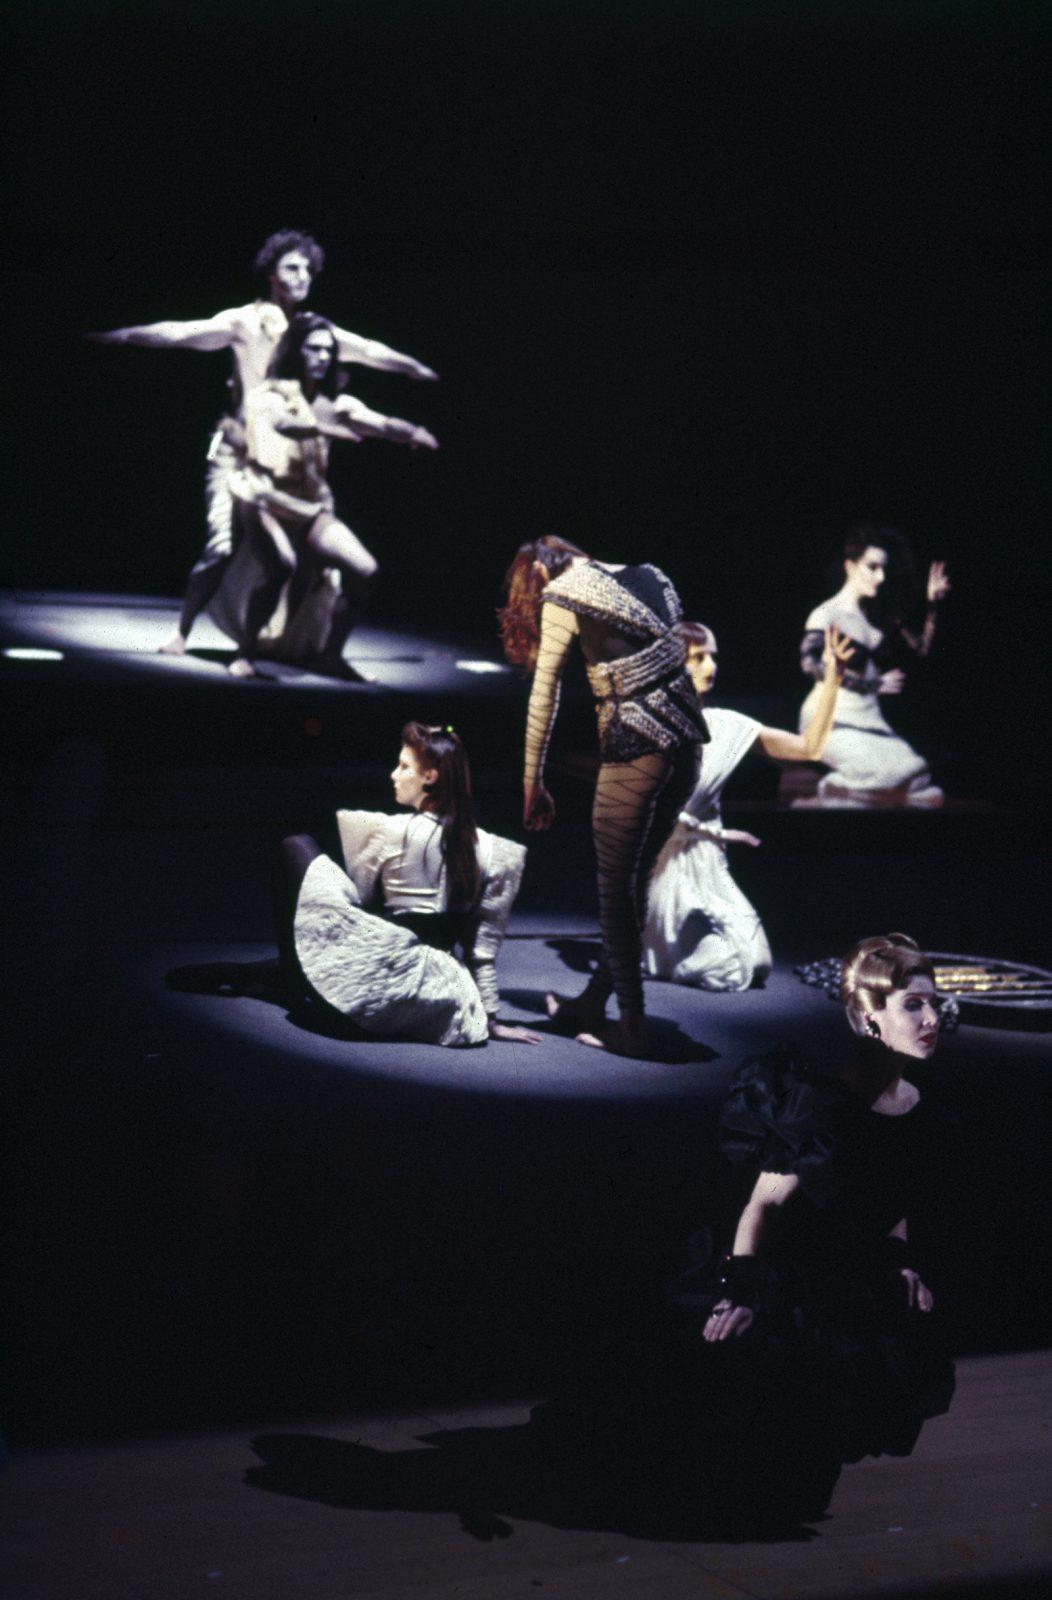 Gianni Versace, Salome (Strauss), 1987, Photo © Lelli and Masotti